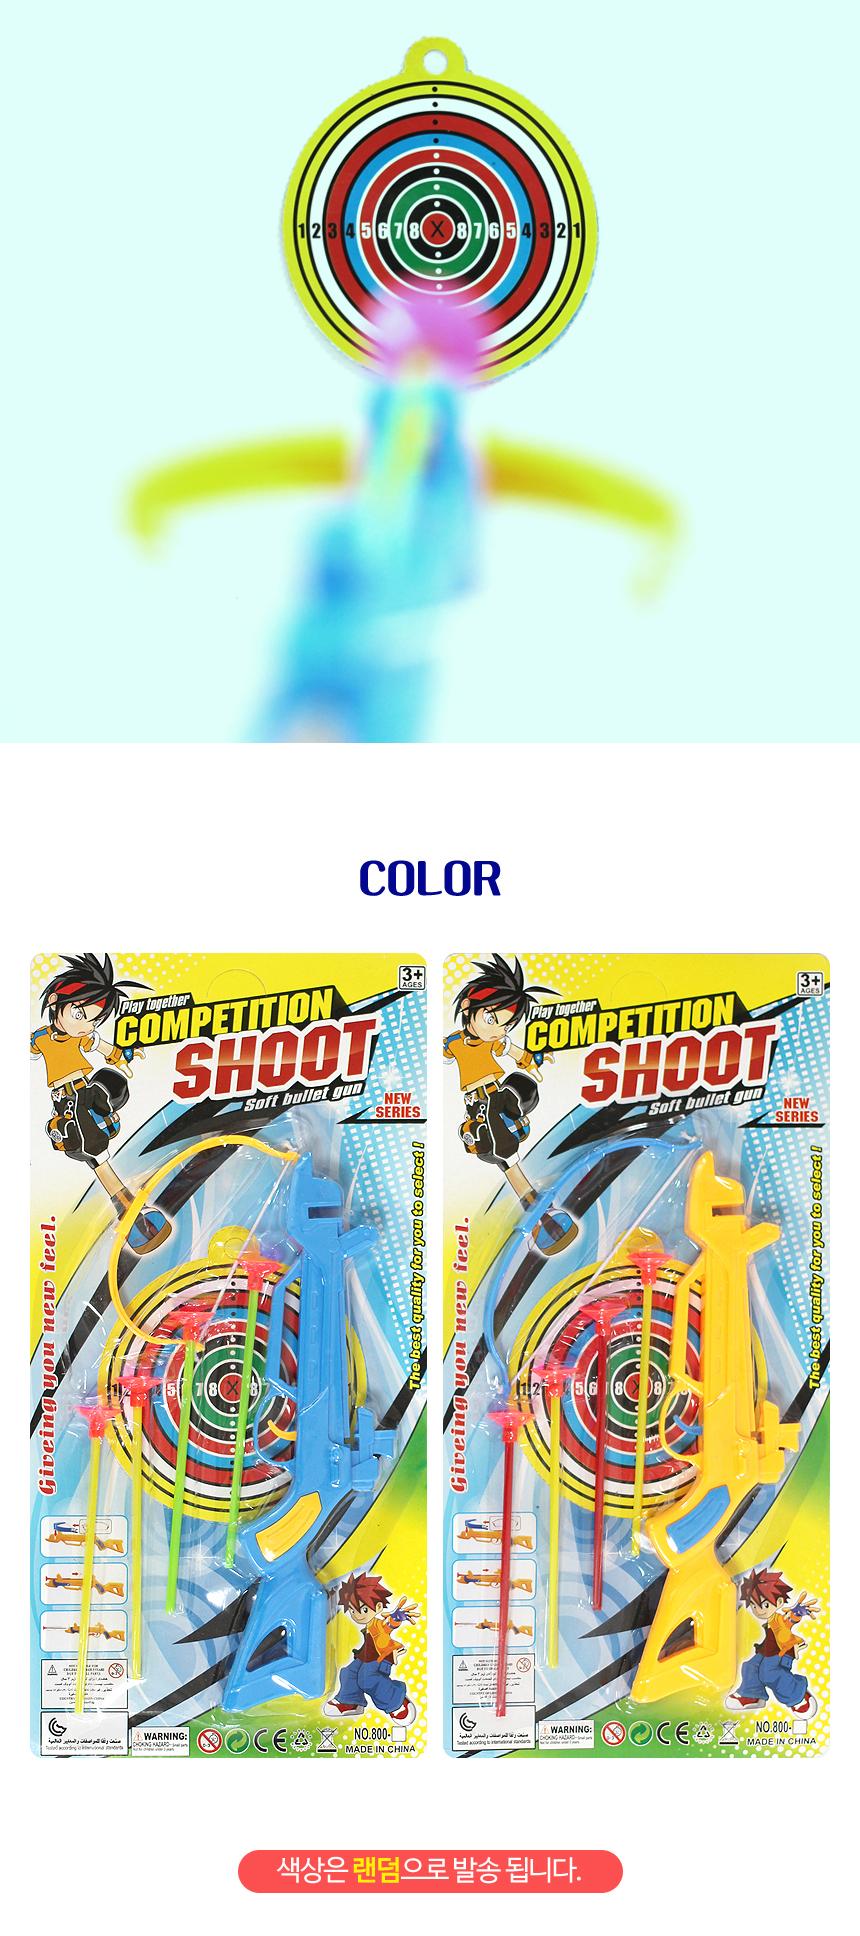 dartshoot_02.jpg